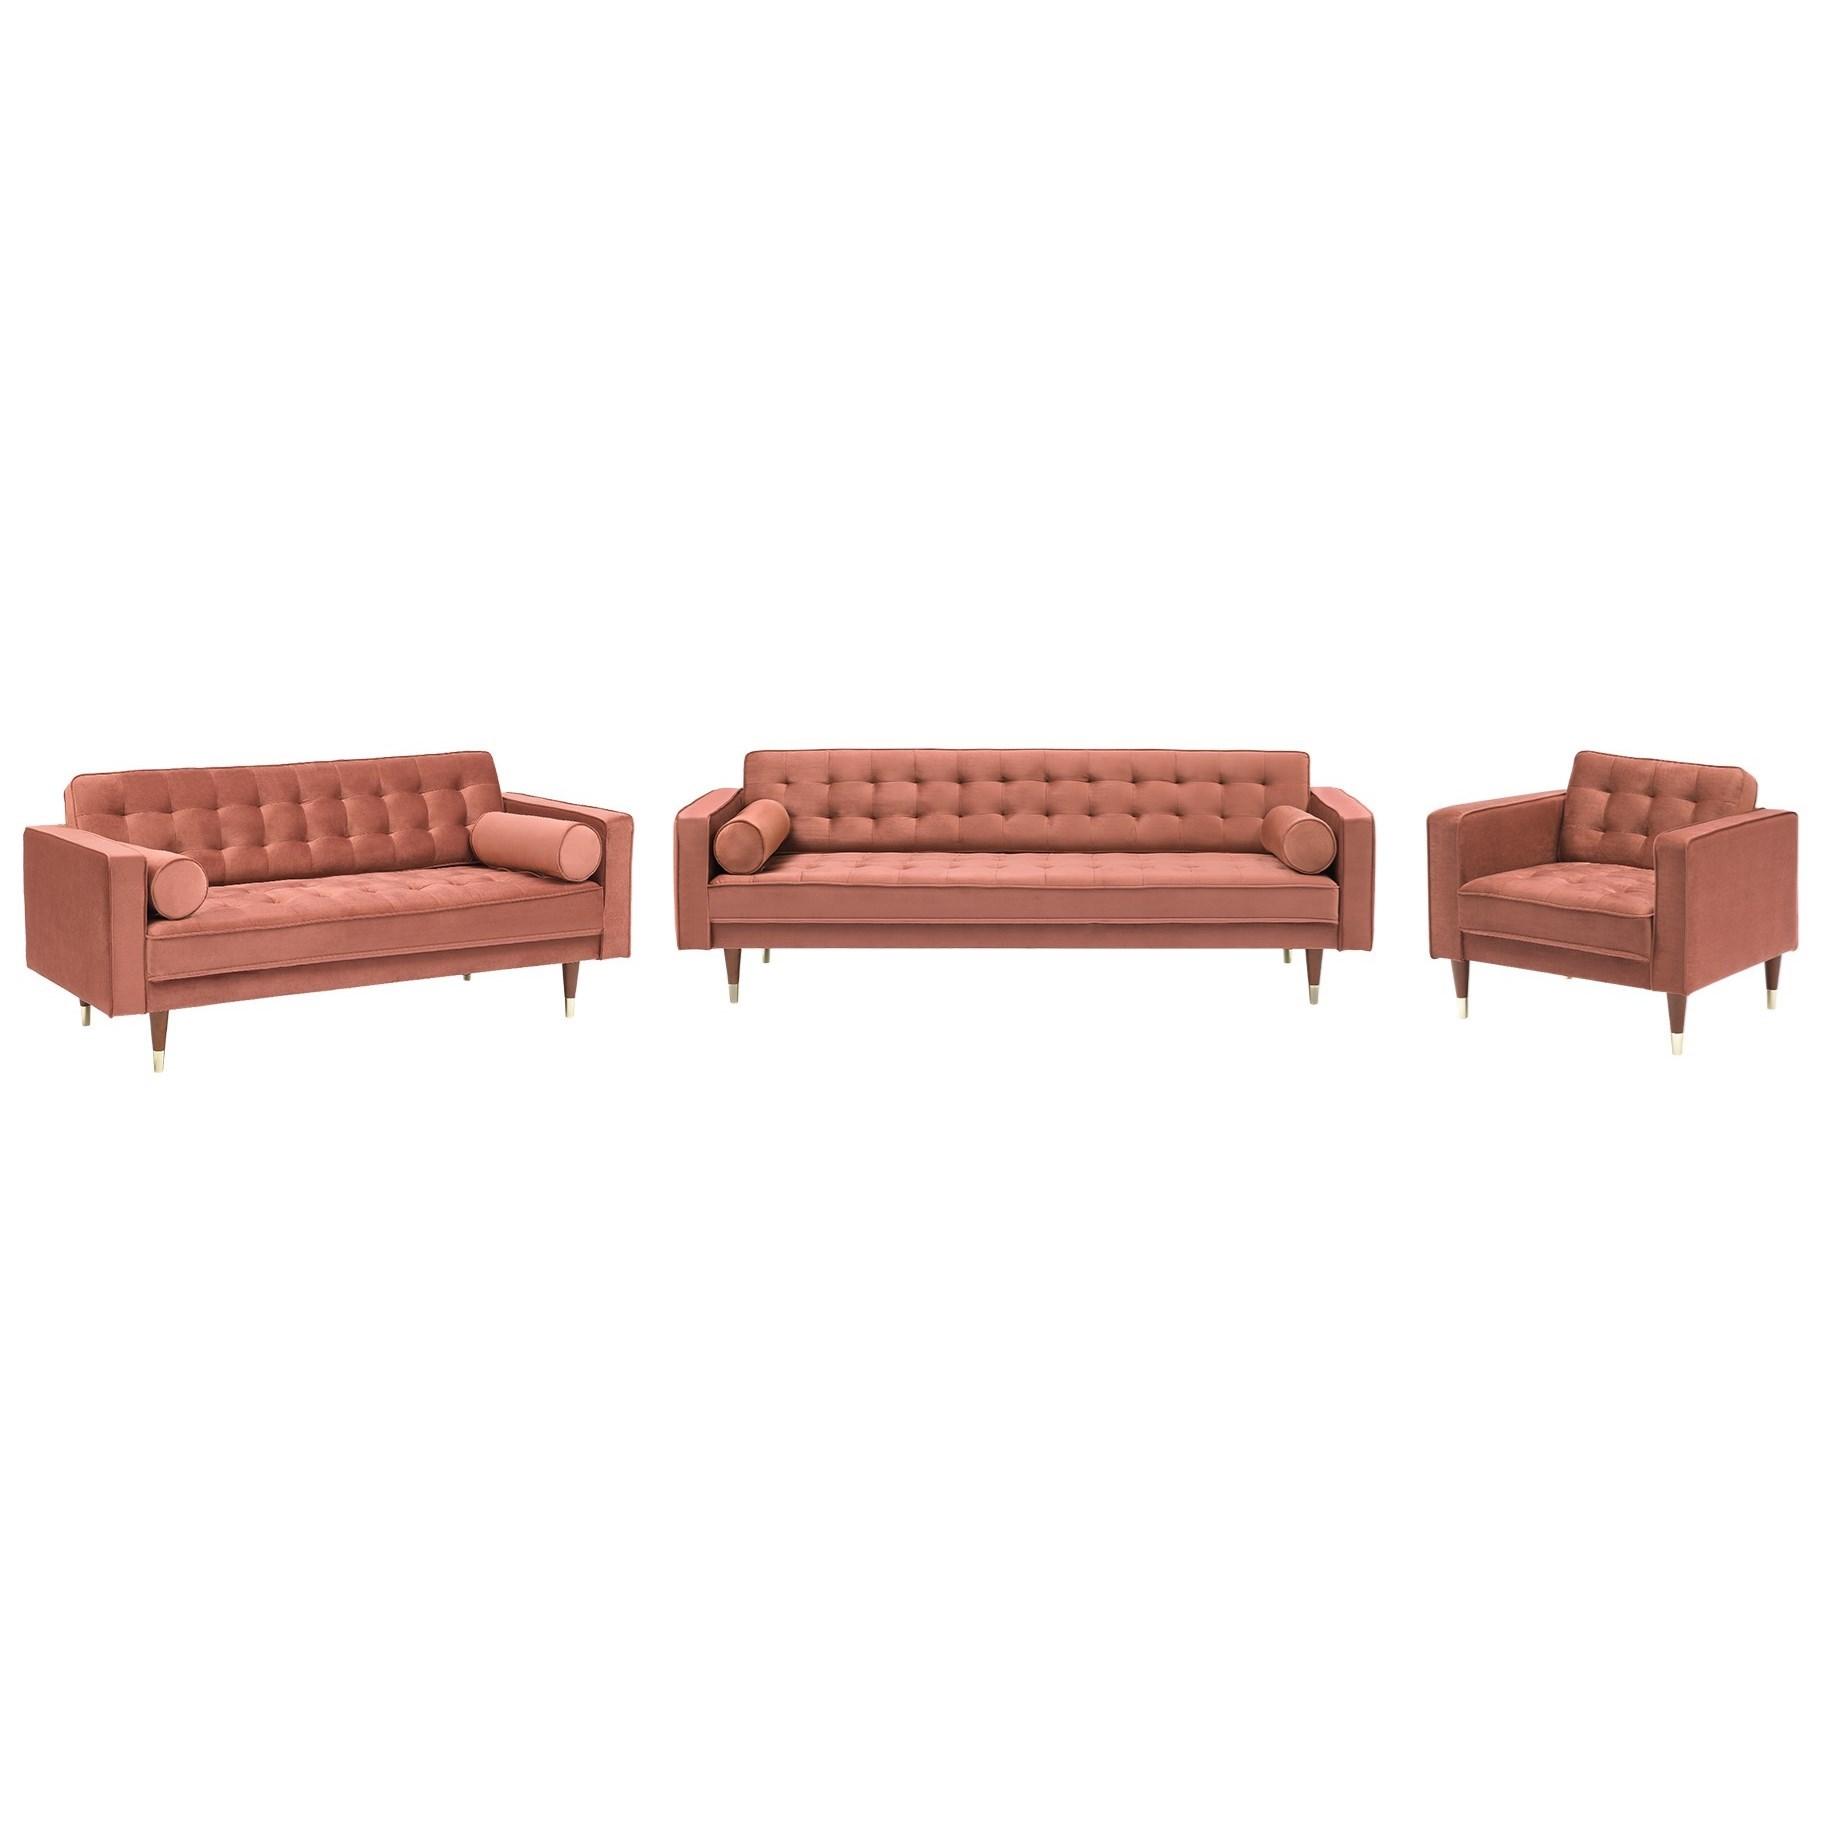 Somerset Velvet Mid Century Modern Sofa Set at Sadler's Home Furnishings